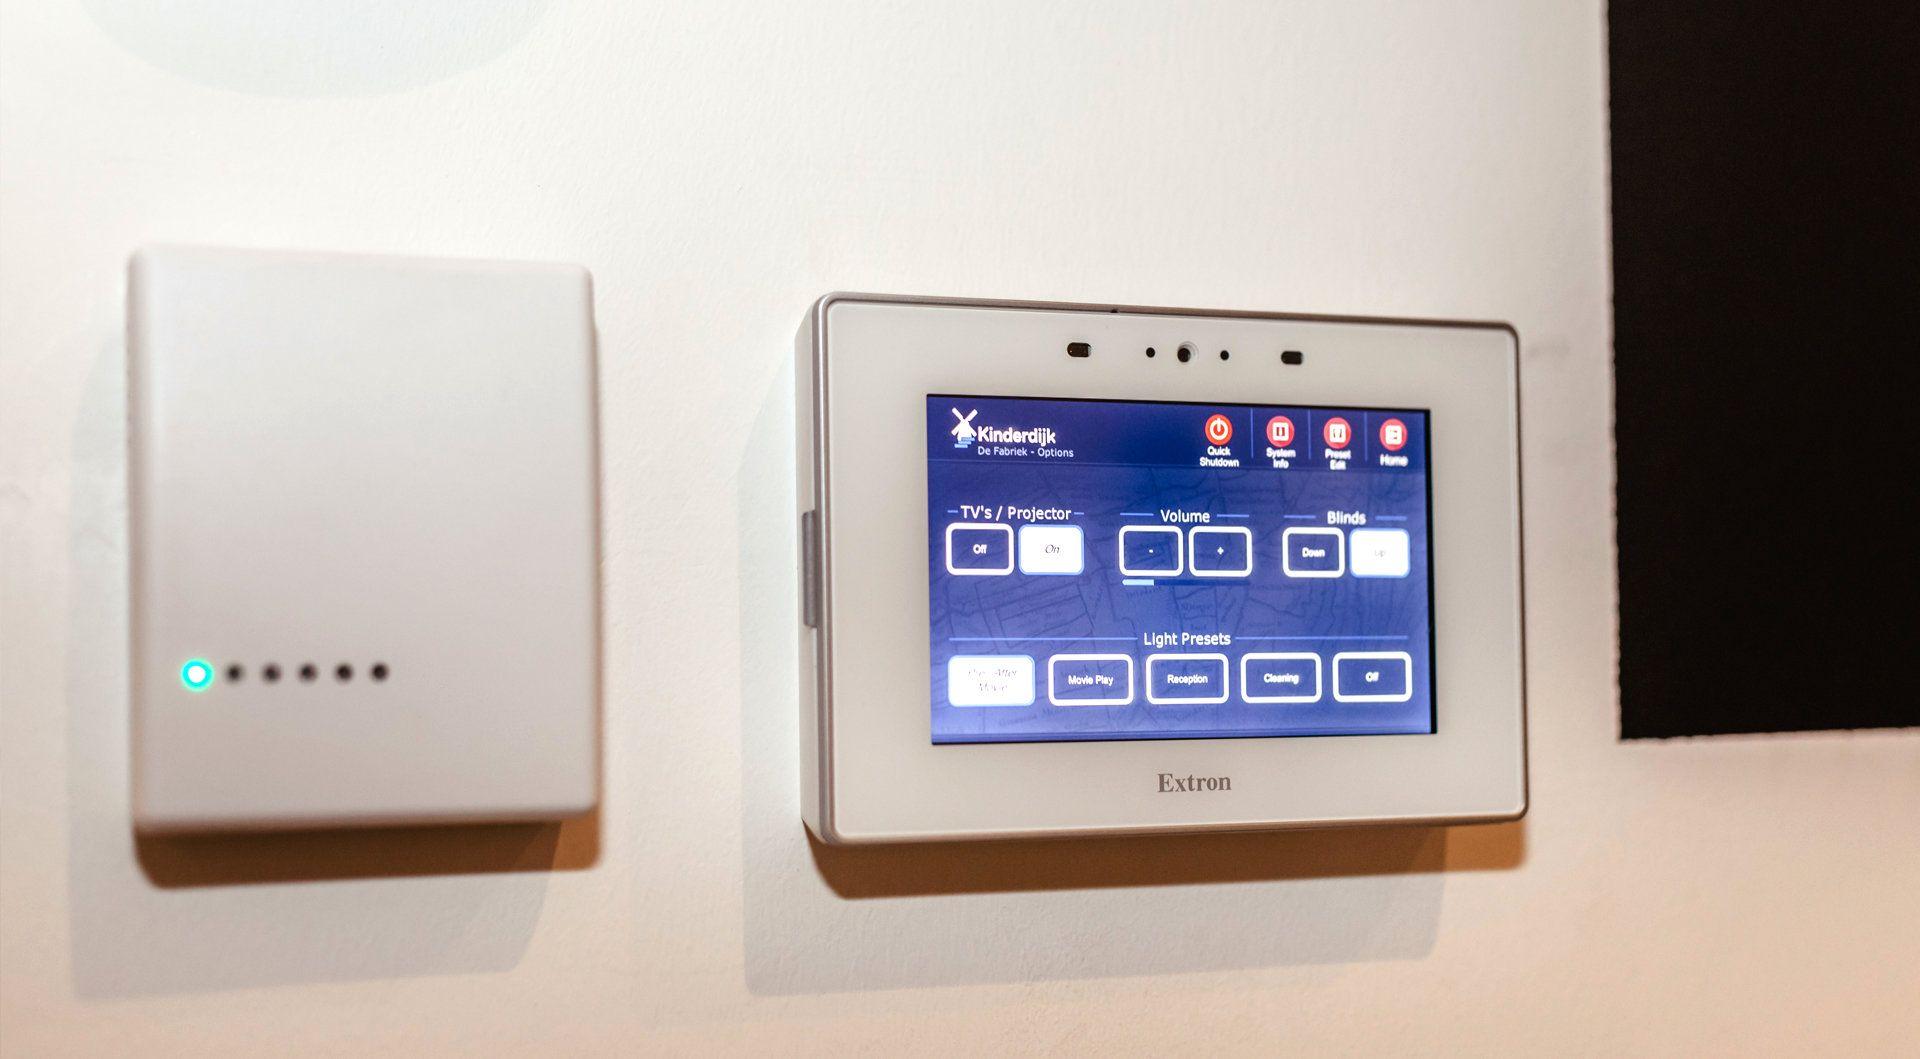 Extron FOXBOX Rx DVI Plus MM AV-receiver Grijs - Case studie Kinderdijk - Bediening